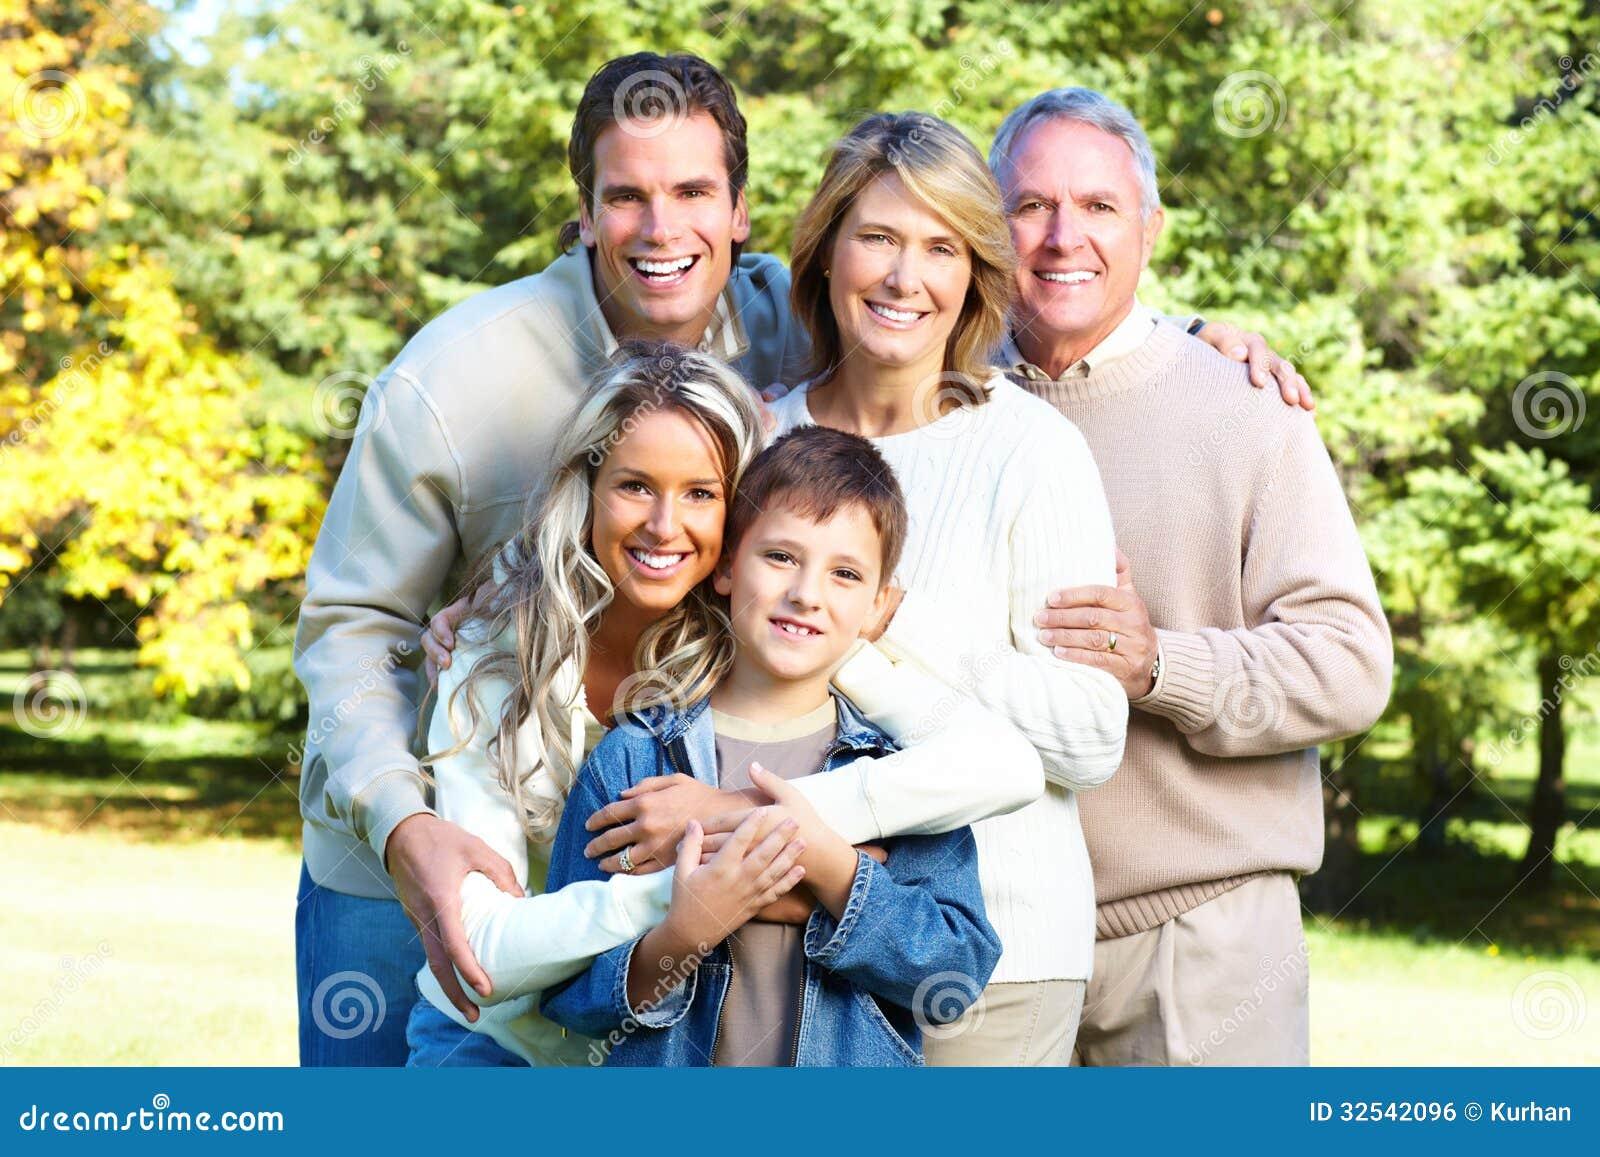 Familia Feliz Imagen de archivo libre de regalías - Imagen ...